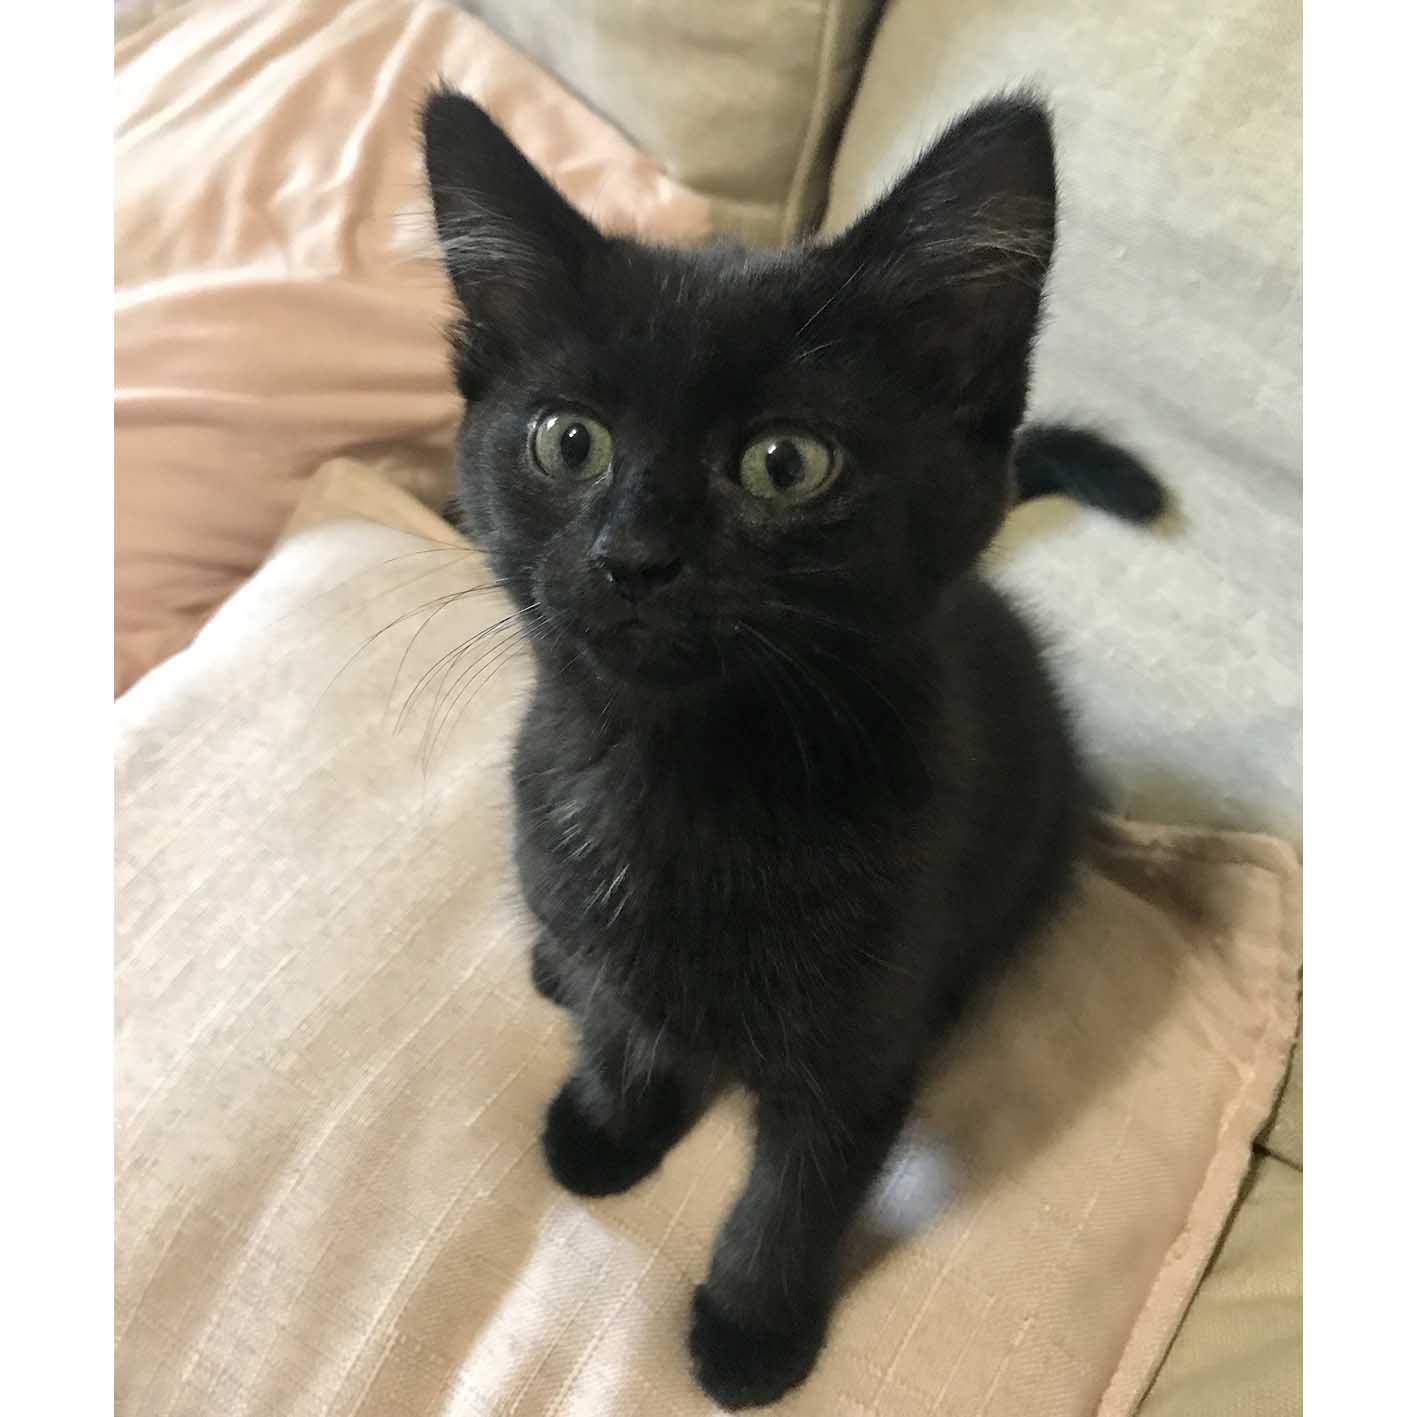 Pete Beautiful Black Kitten On Trial 30 3 20 Male Domestic Short Hair Cat In Nsw Petrescue